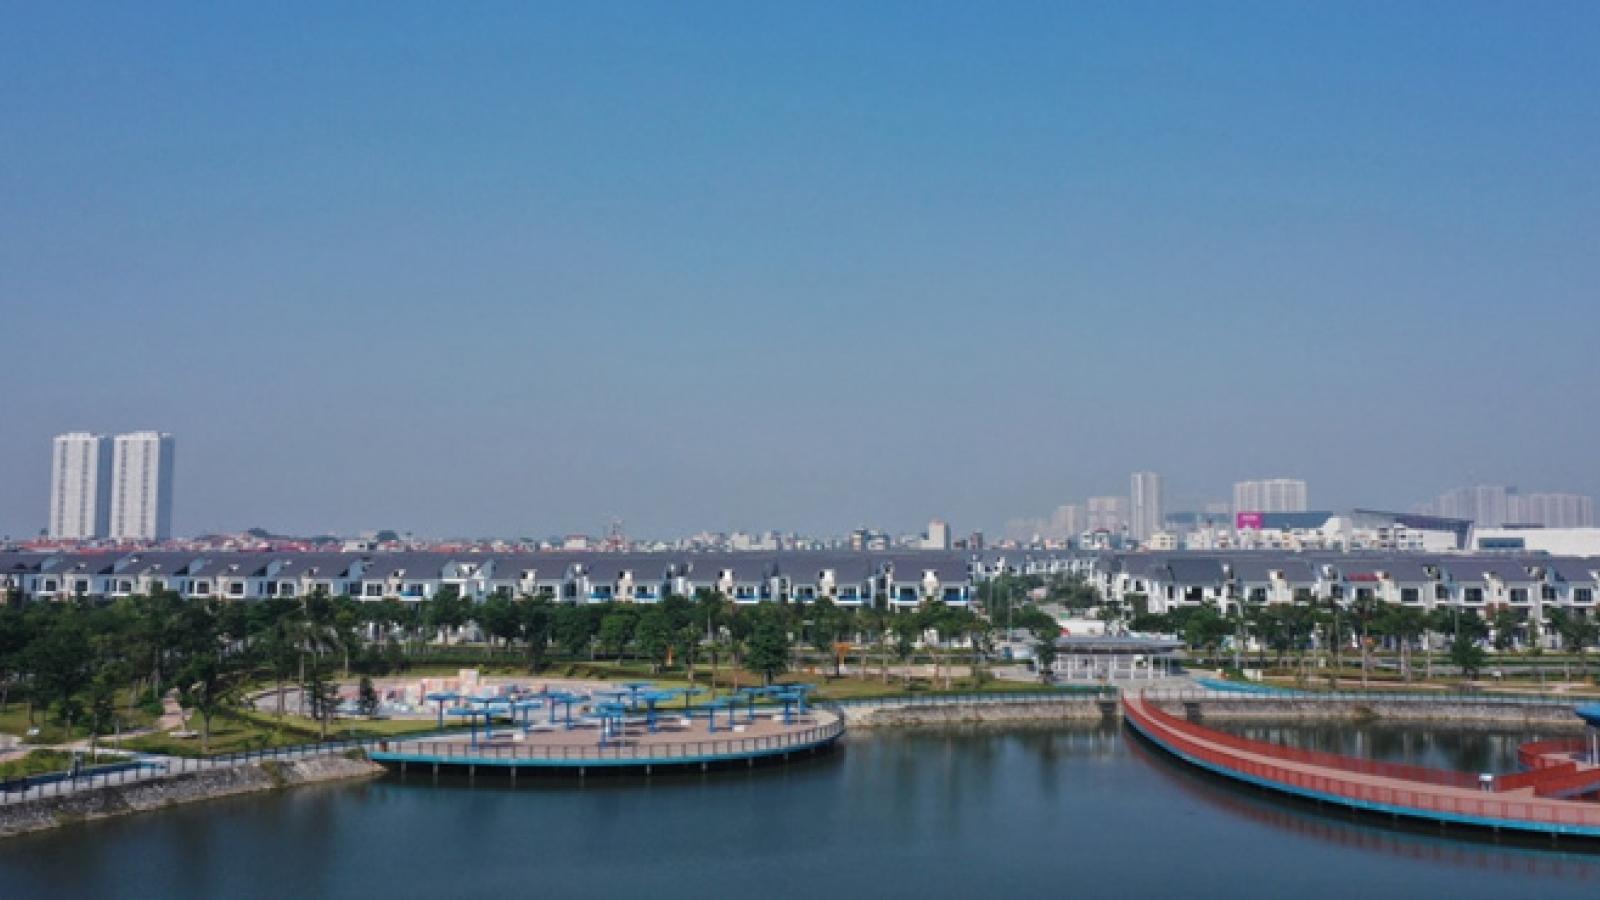 Thị trường bất động sản phía Tây 'bứt tốc':Điểm sáng từ Khu đô thị Dương Nội